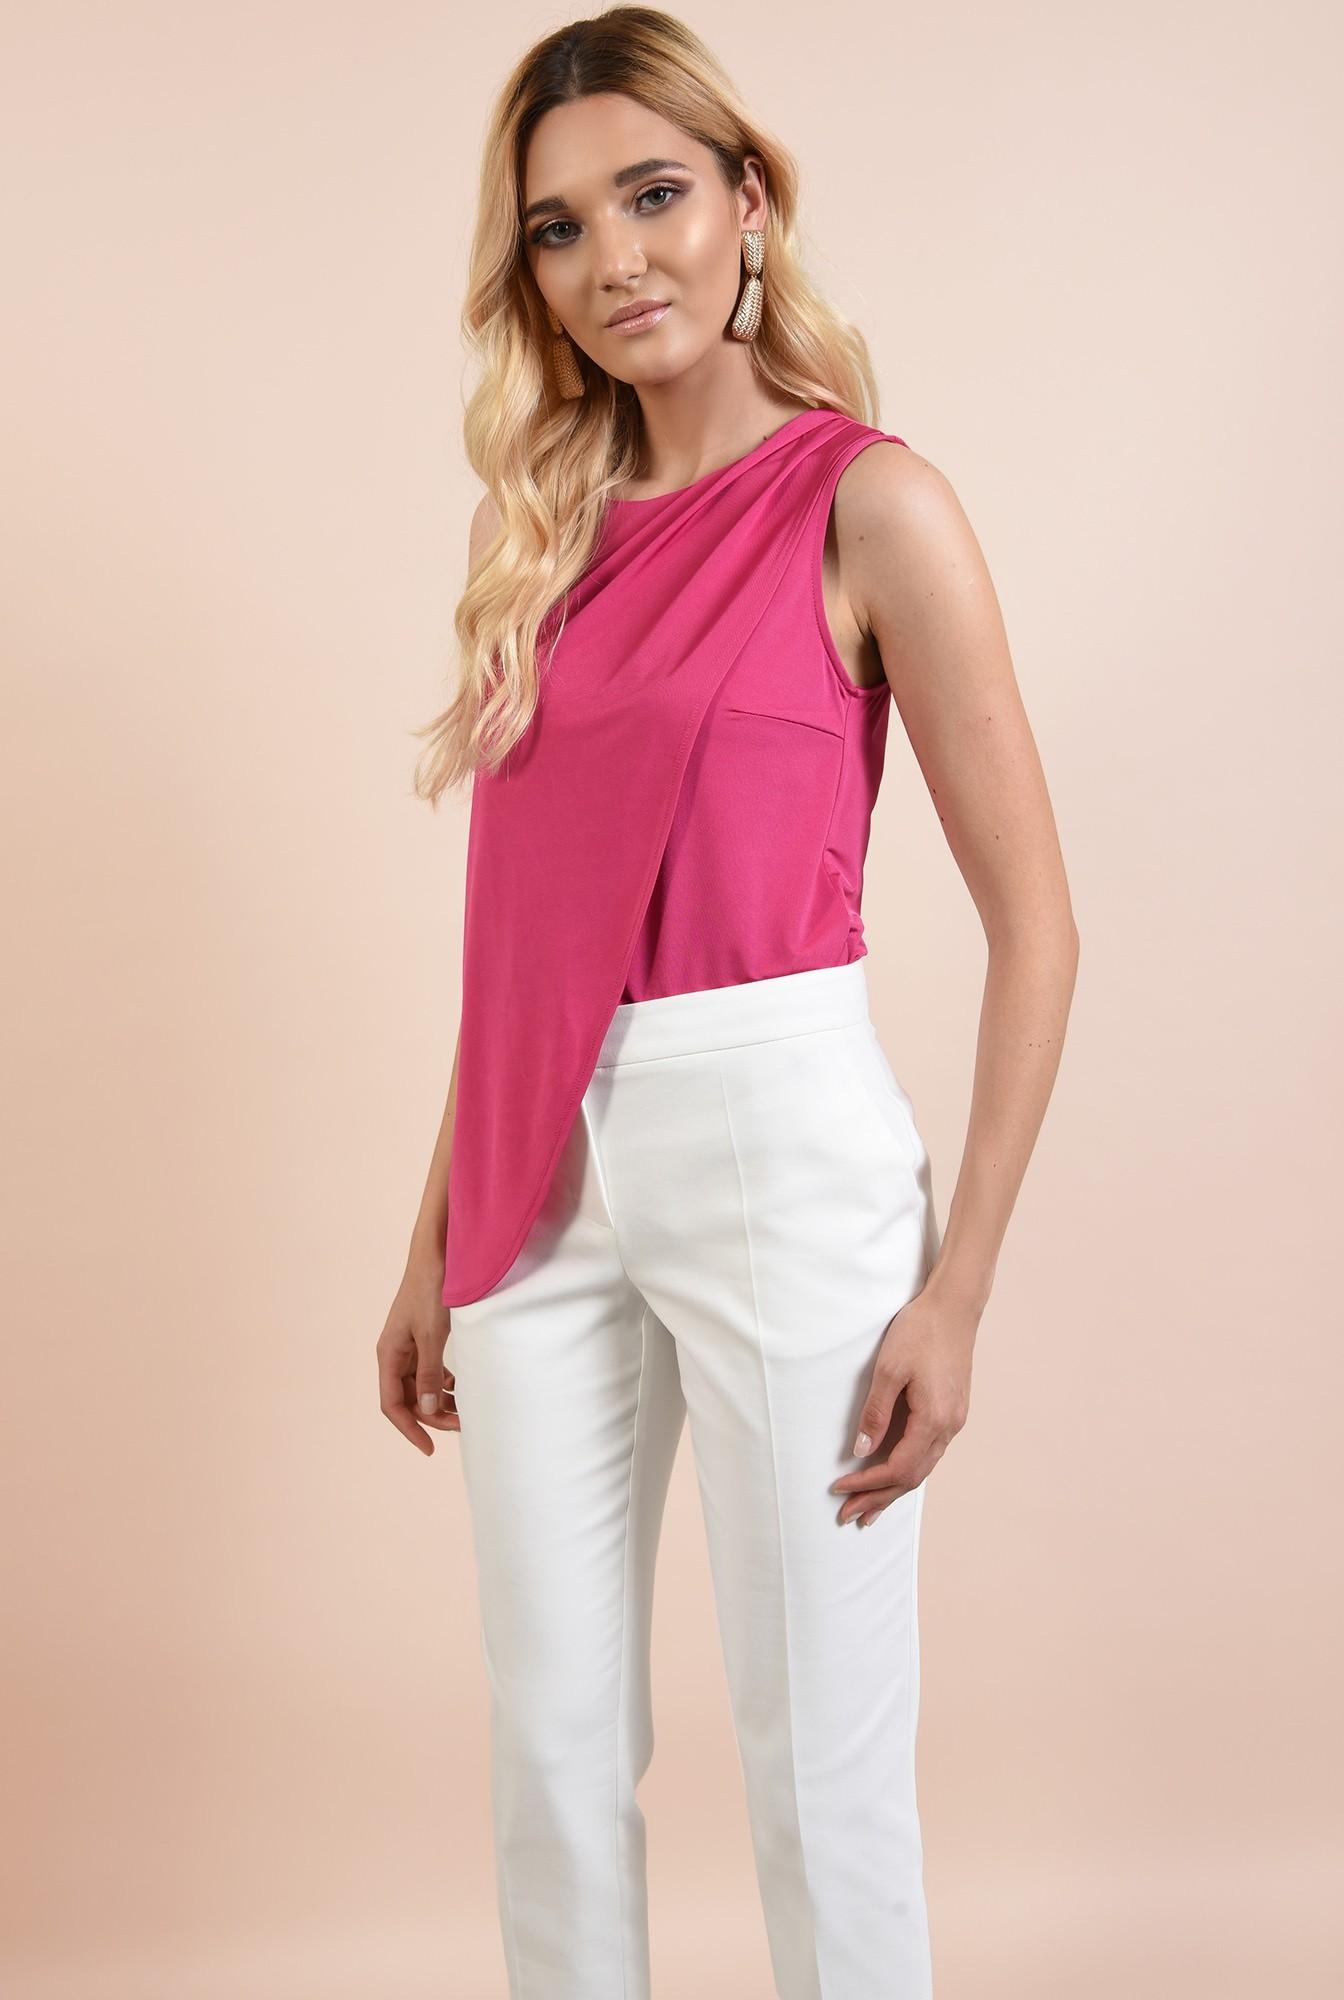 2 - pantaloni dama, pantaloni online, albi, conici, talie cu betelie